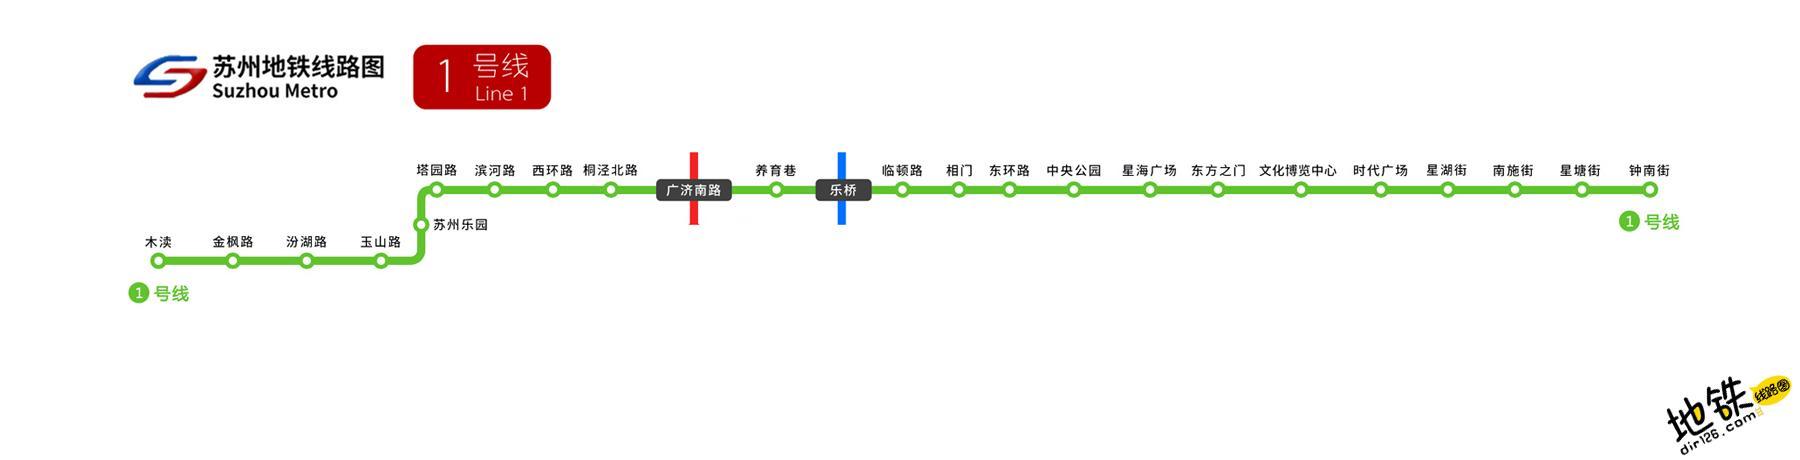 苏州地铁1号线线路图 运营时间票价站点 查询下载 苏州地铁1号线查询 苏州地铁1号线运营时间 苏州地铁1号线线路图 苏州地铁1号线 苏州地铁一号线 苏州地铁线路图  第2张